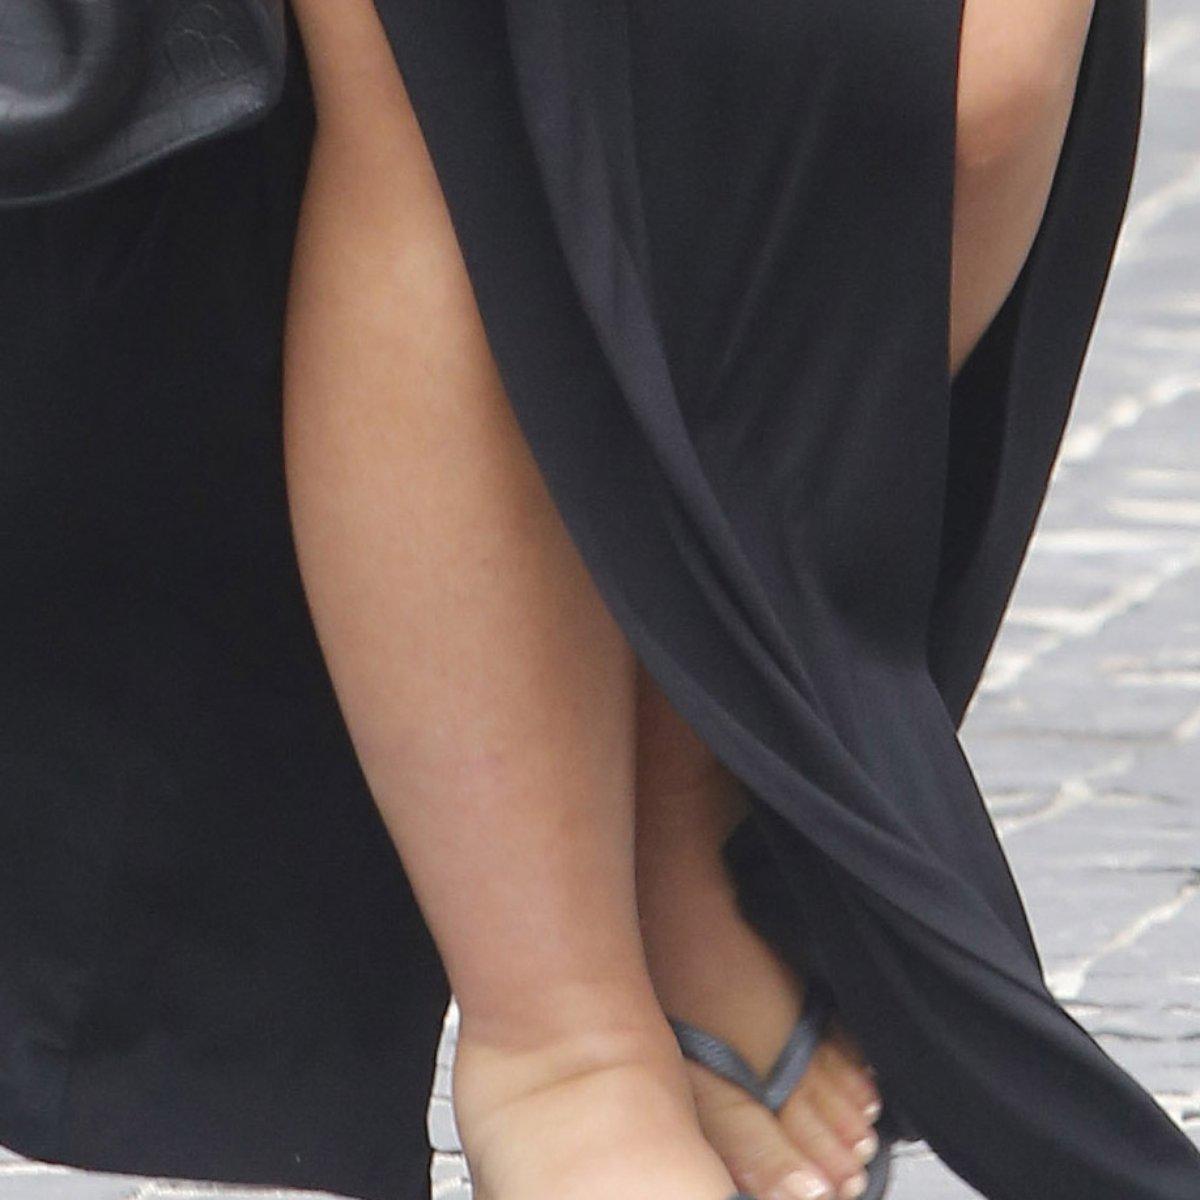 como inchar seus pés durante a gravidez